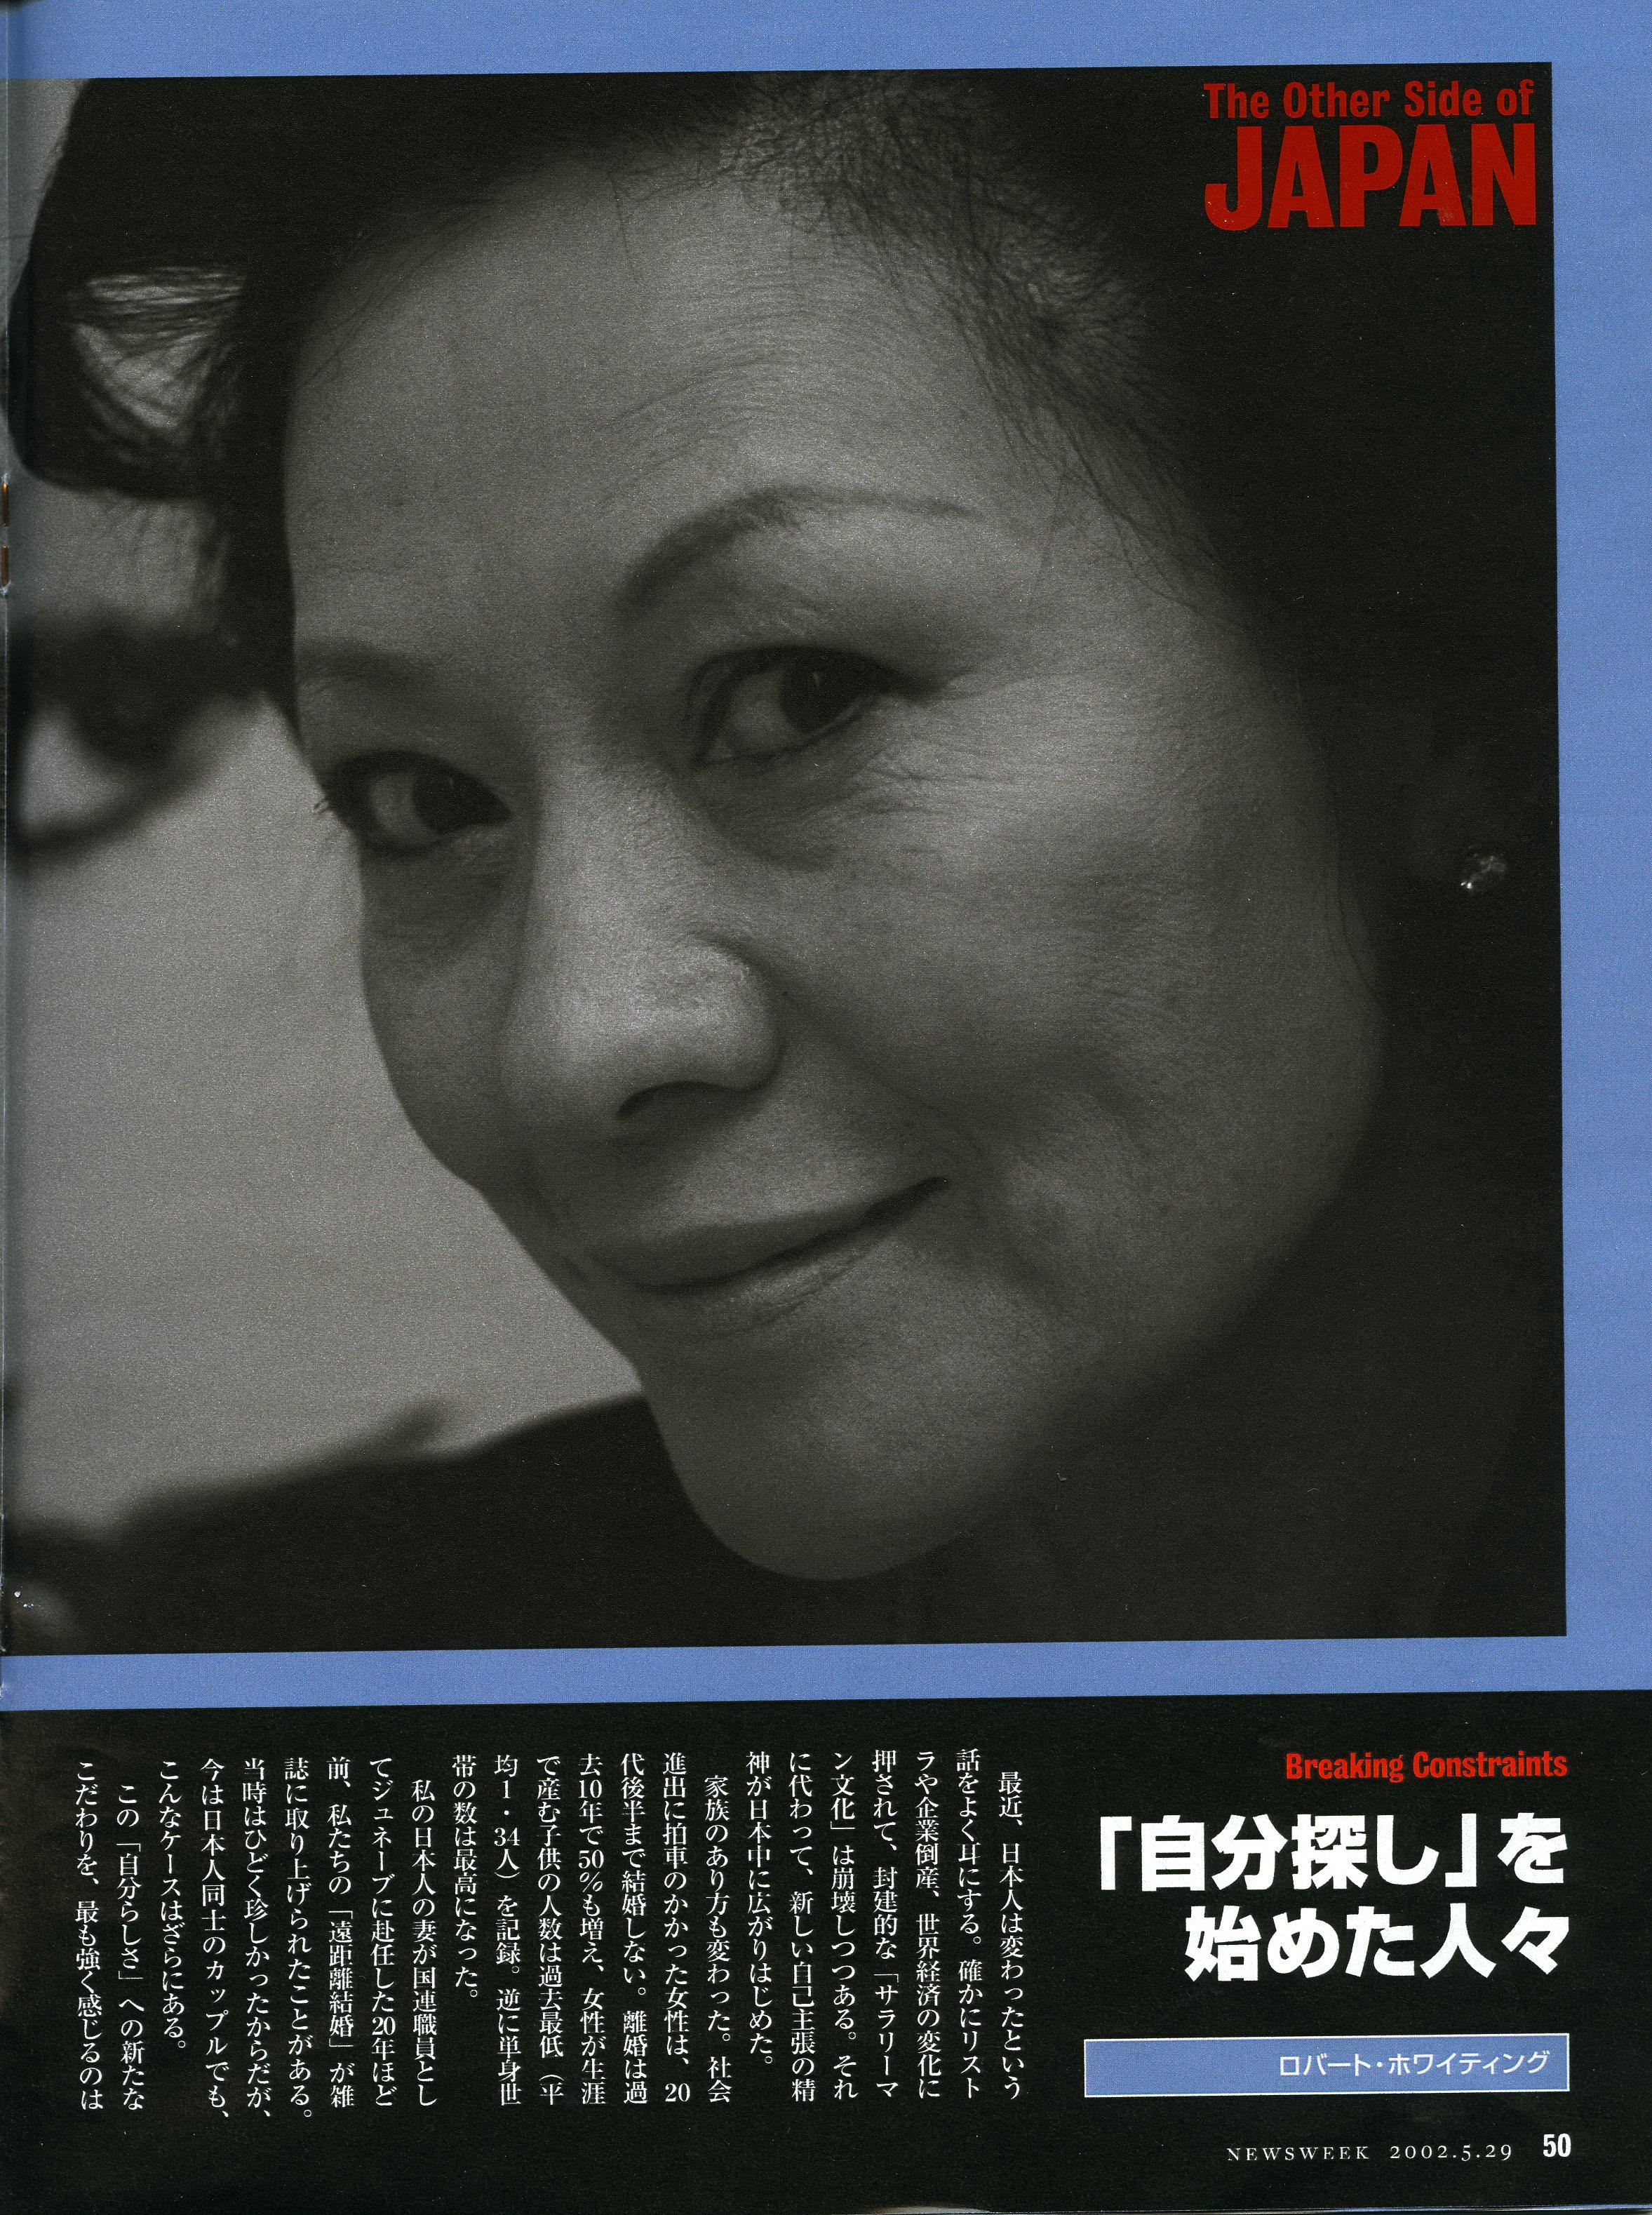 05292002_NEWSWEEK_JAPAN_13.jpg